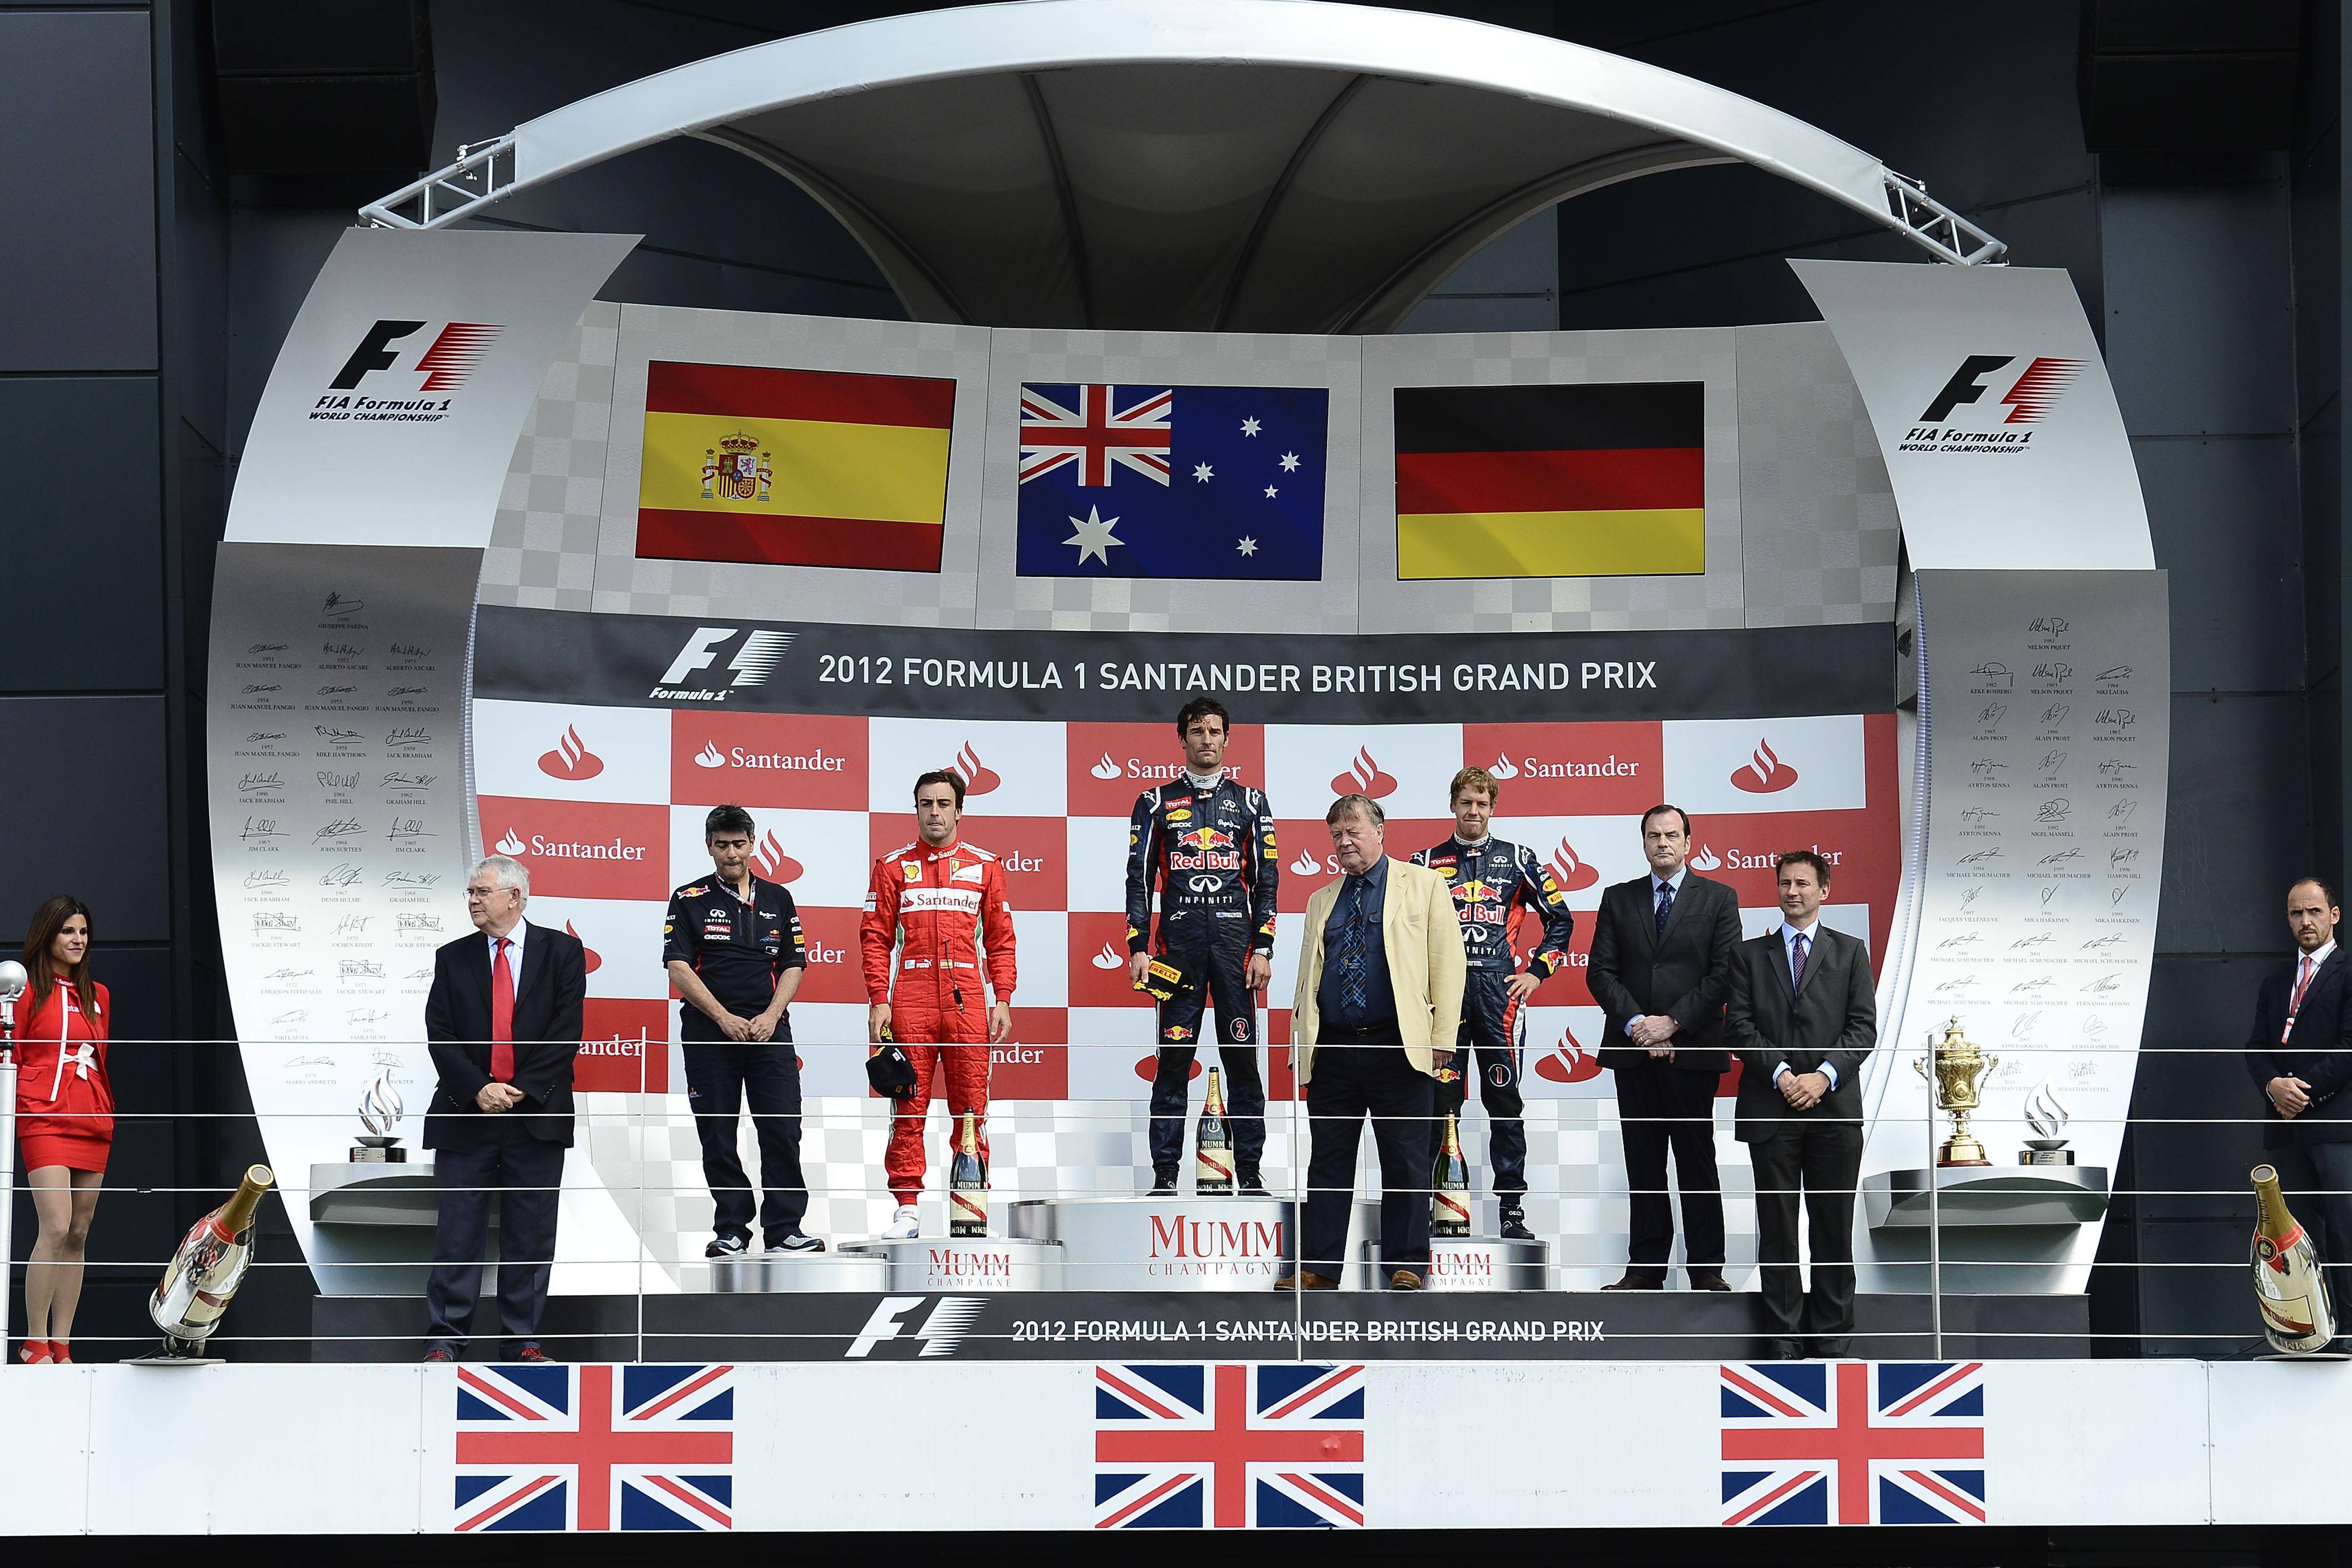 Results 2012 Formula 1 Grand Prix of Britain